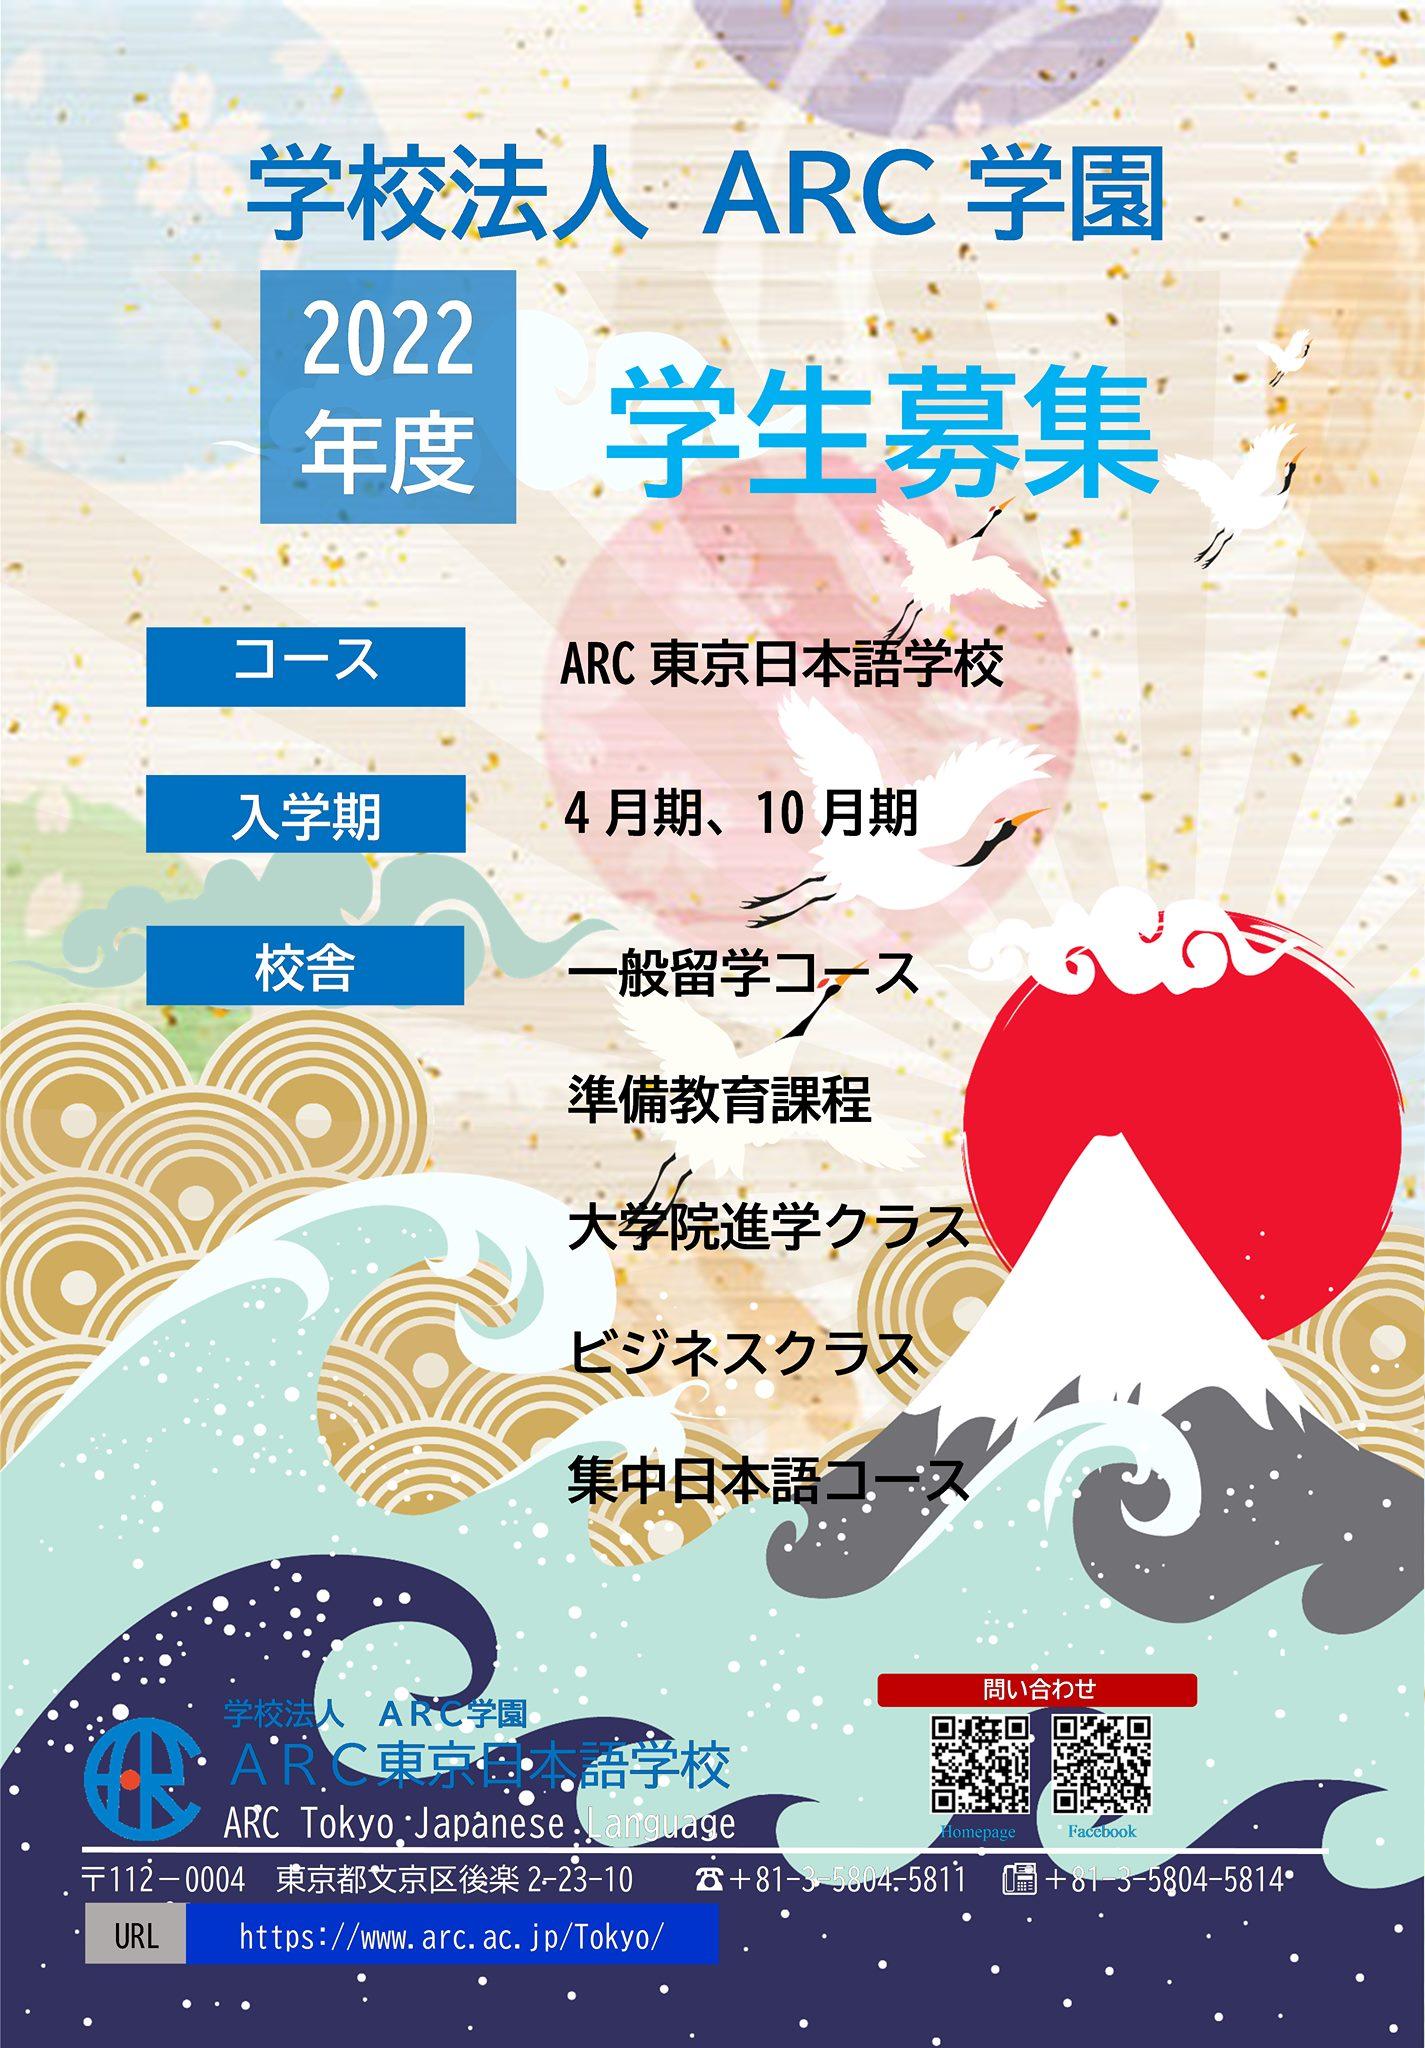 【一般留学コース・準備教育課程】2022年4月生募集中!